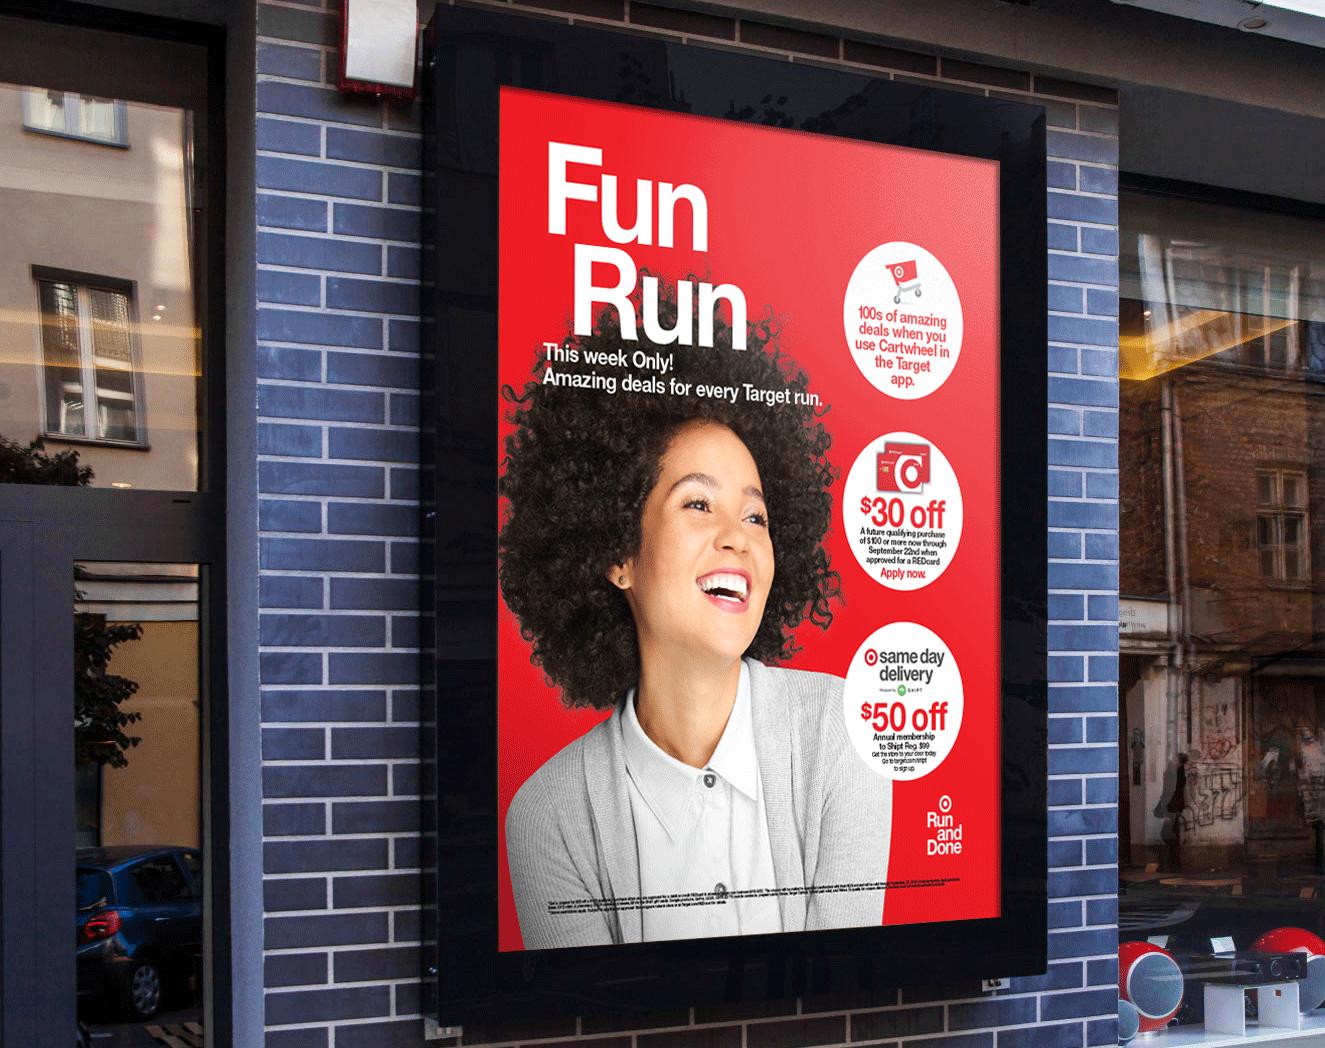 20190401_NewWork_TargetTarget_Fun_Run01.png